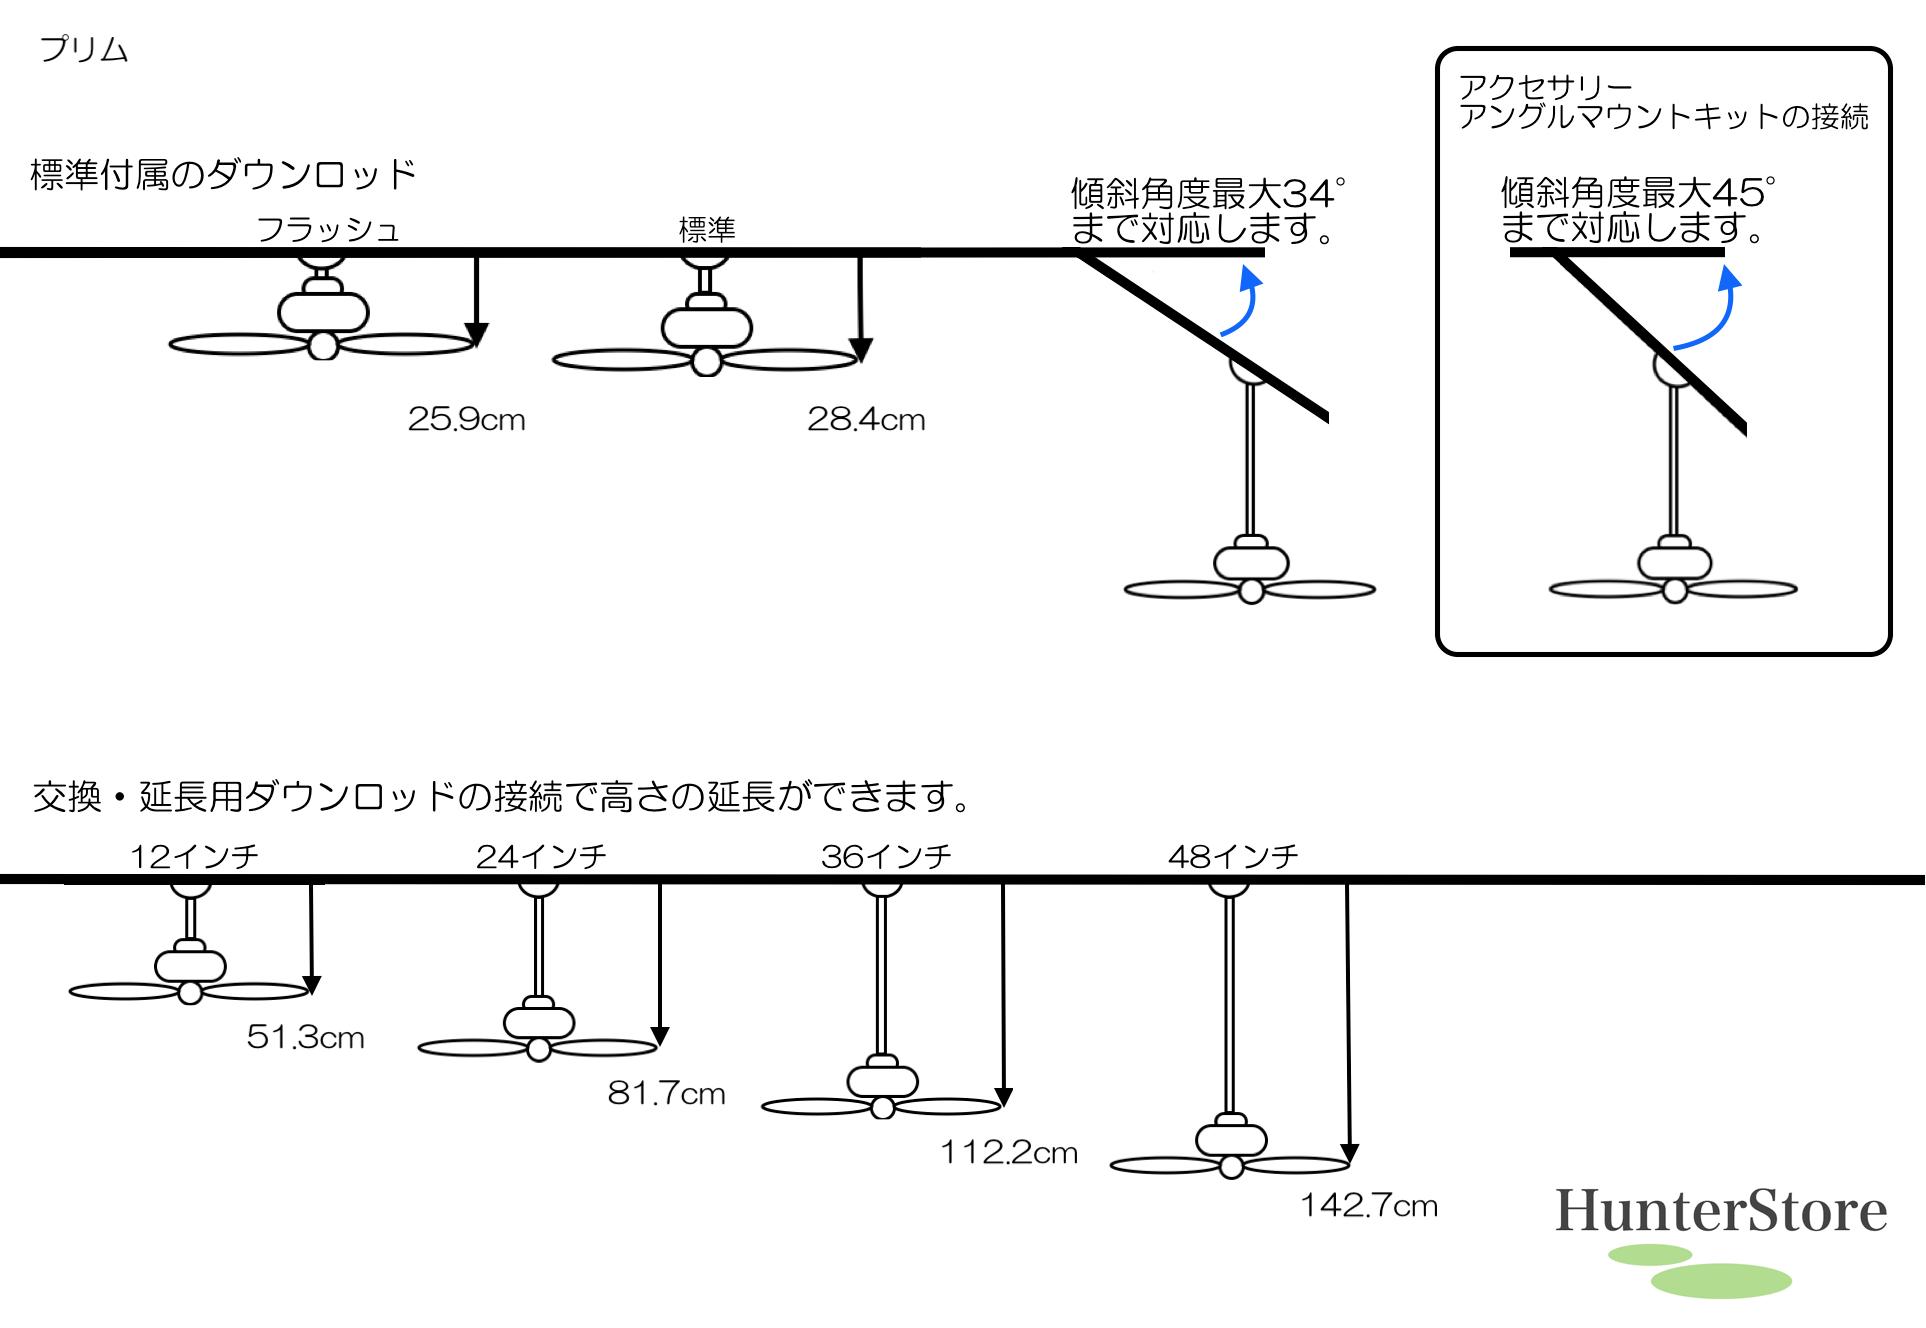 プリム 照明キット無【壁コントローラ・24㌅61cmダウンロッド付】 - 画像2